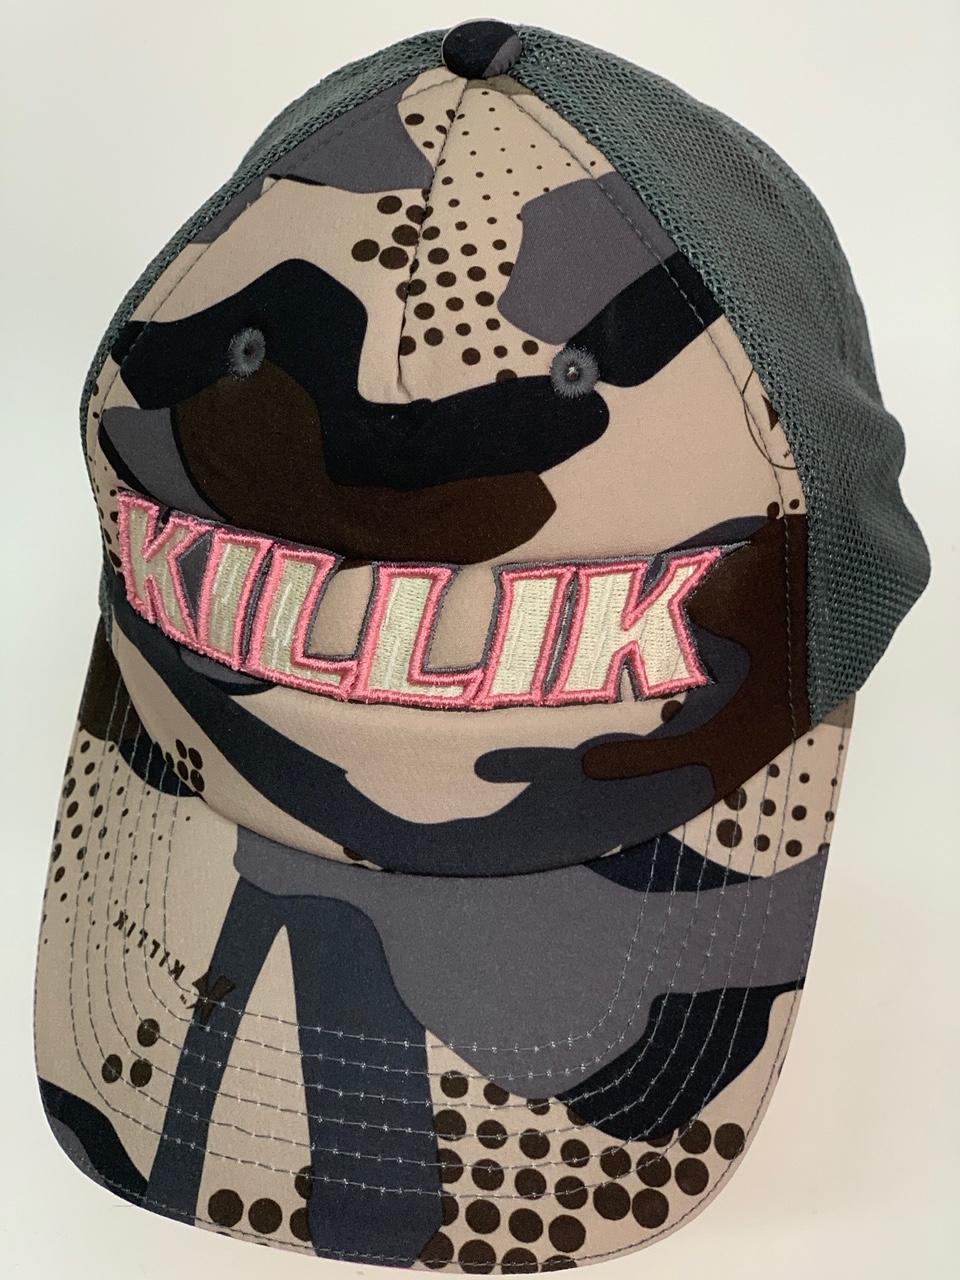 Бейсболка камуфляж Killik с темно-оливковой сеткой